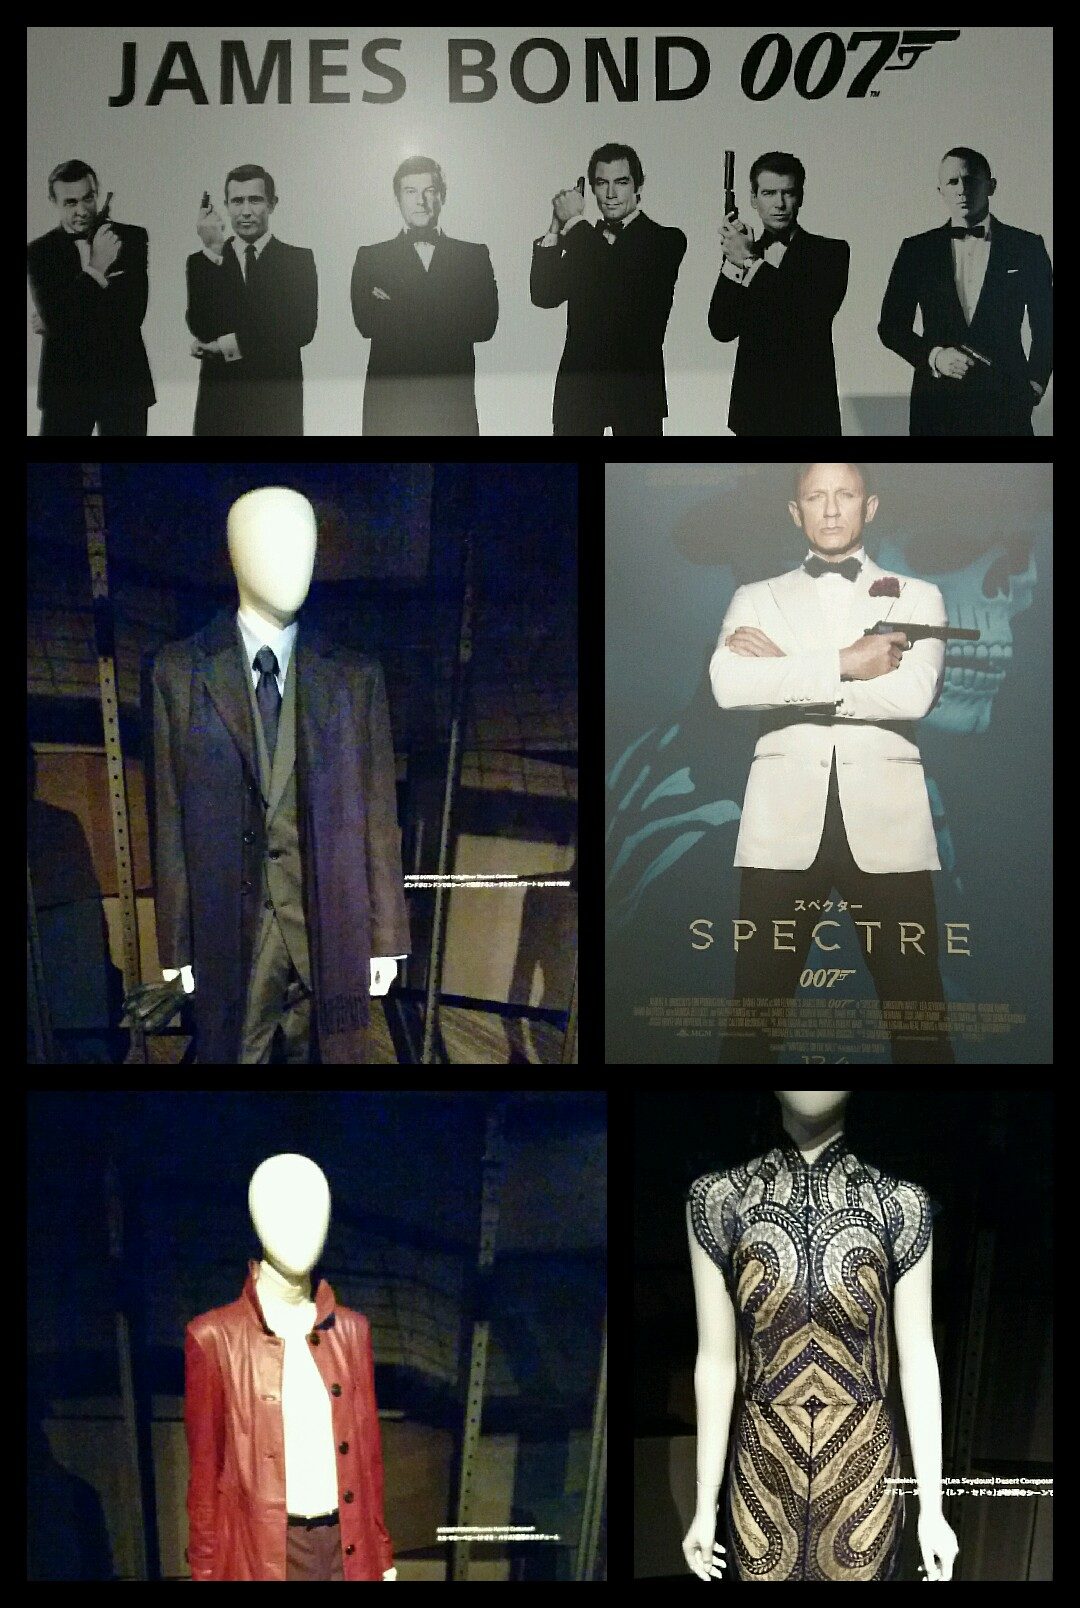 007 specter 衣装